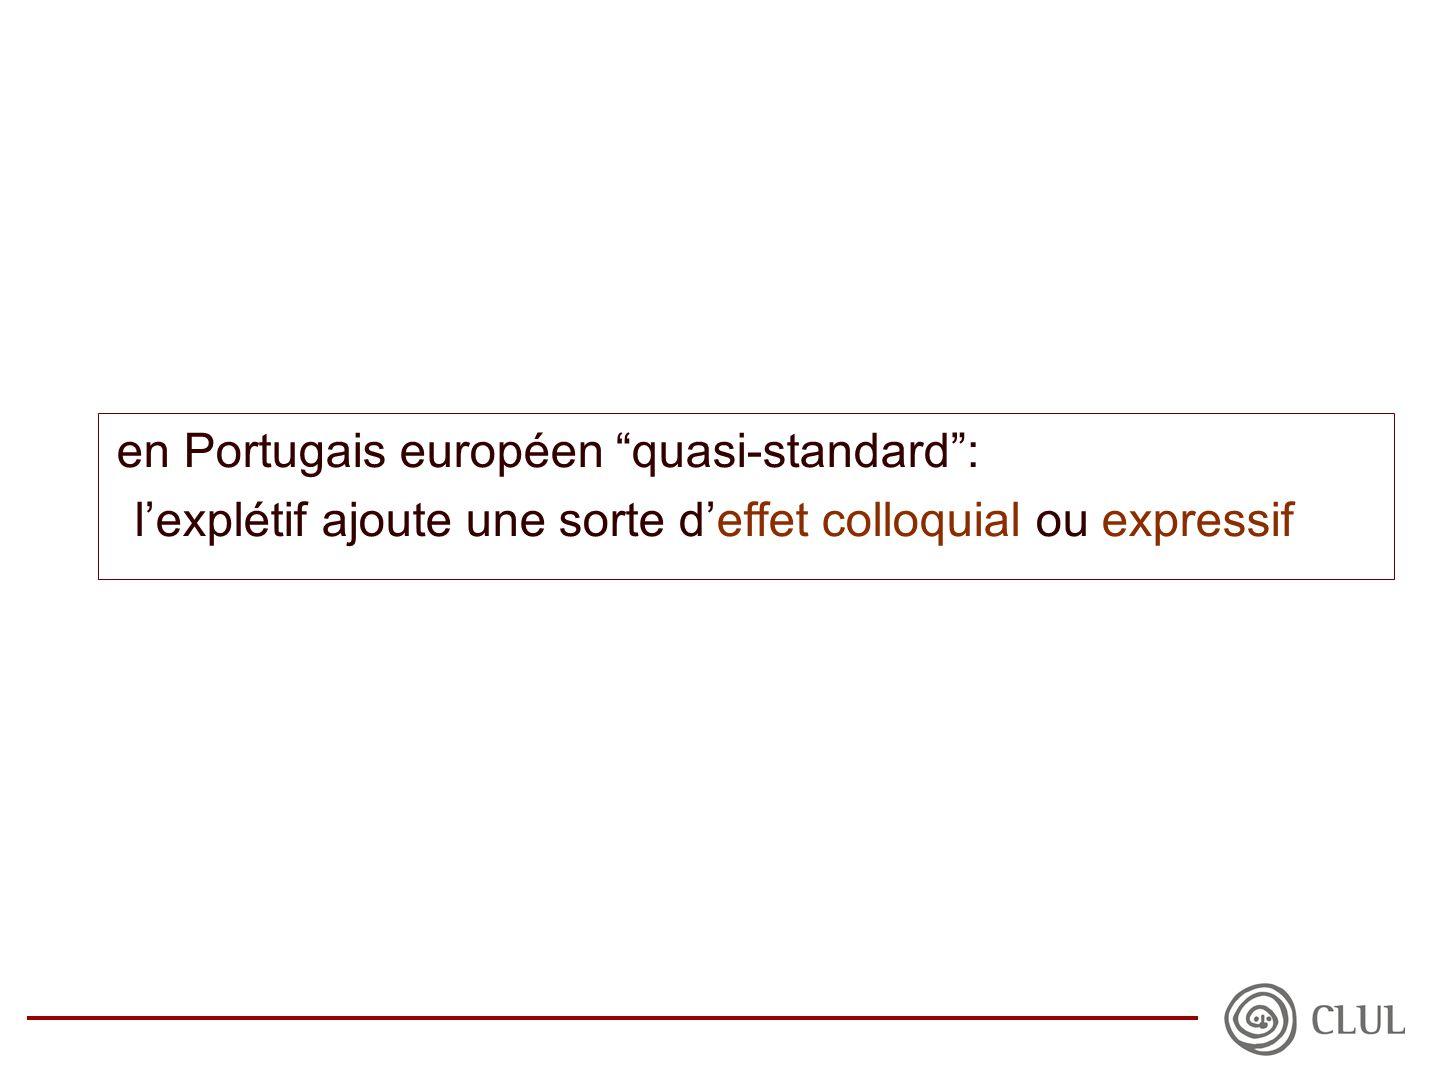 en Portugais européen quasi-standard : l'explétif ajoute une sorte d'effet colloquial ou expressif